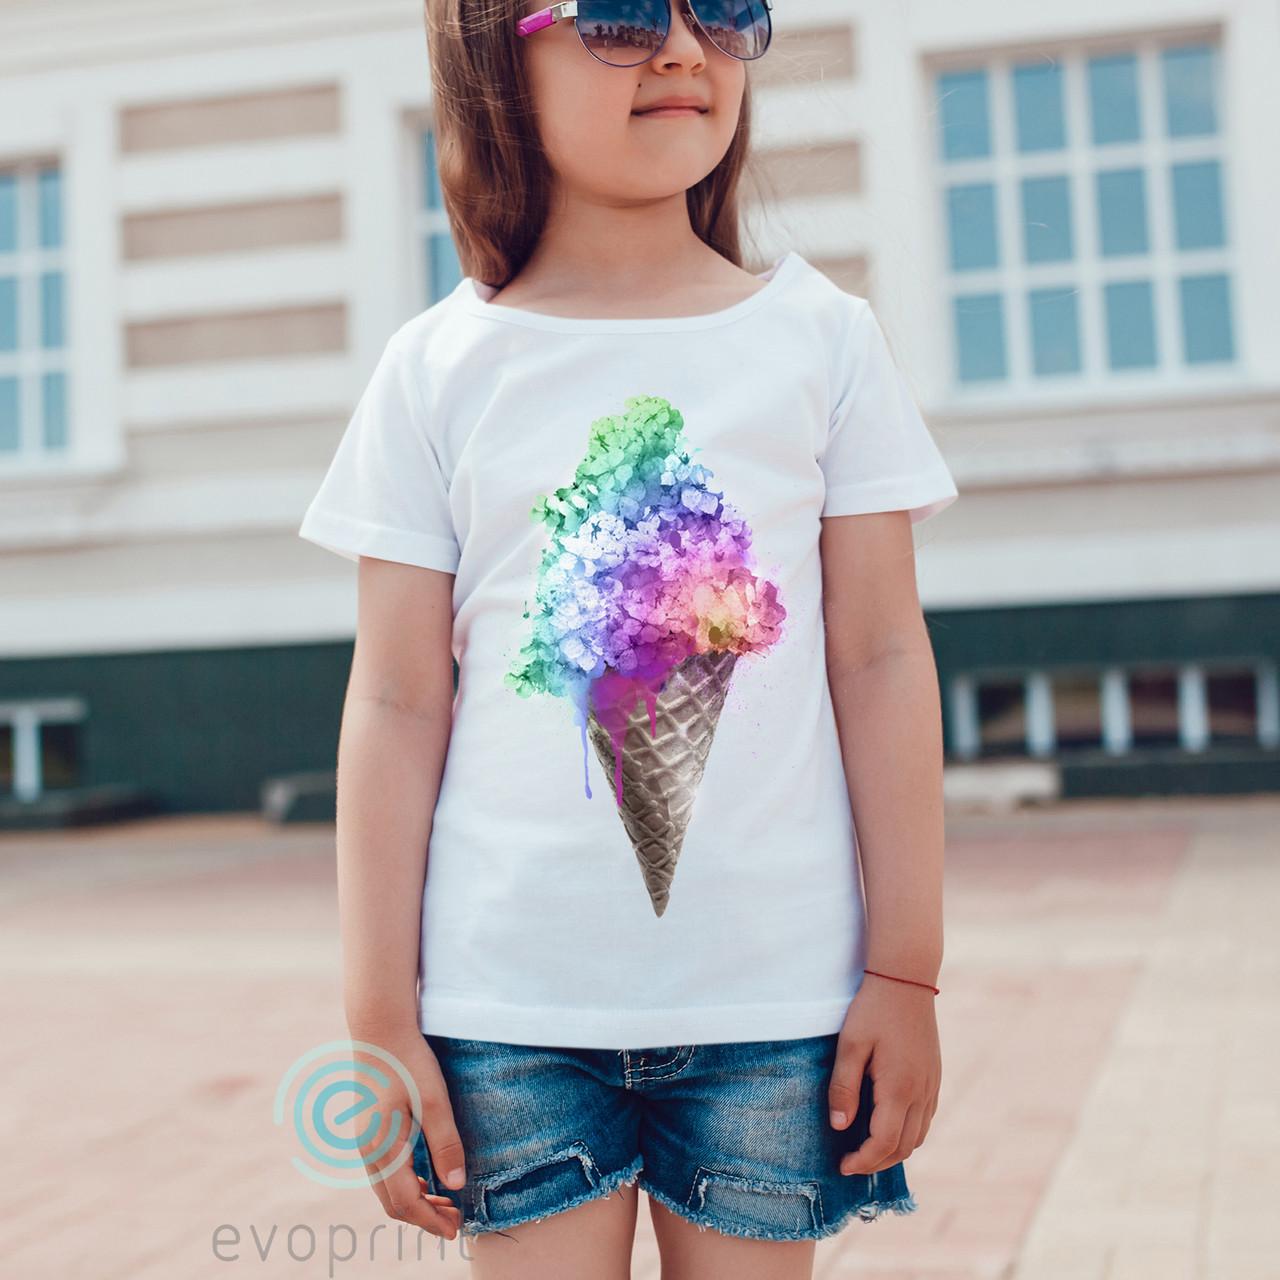 Услуги качественной печати на детской одежде